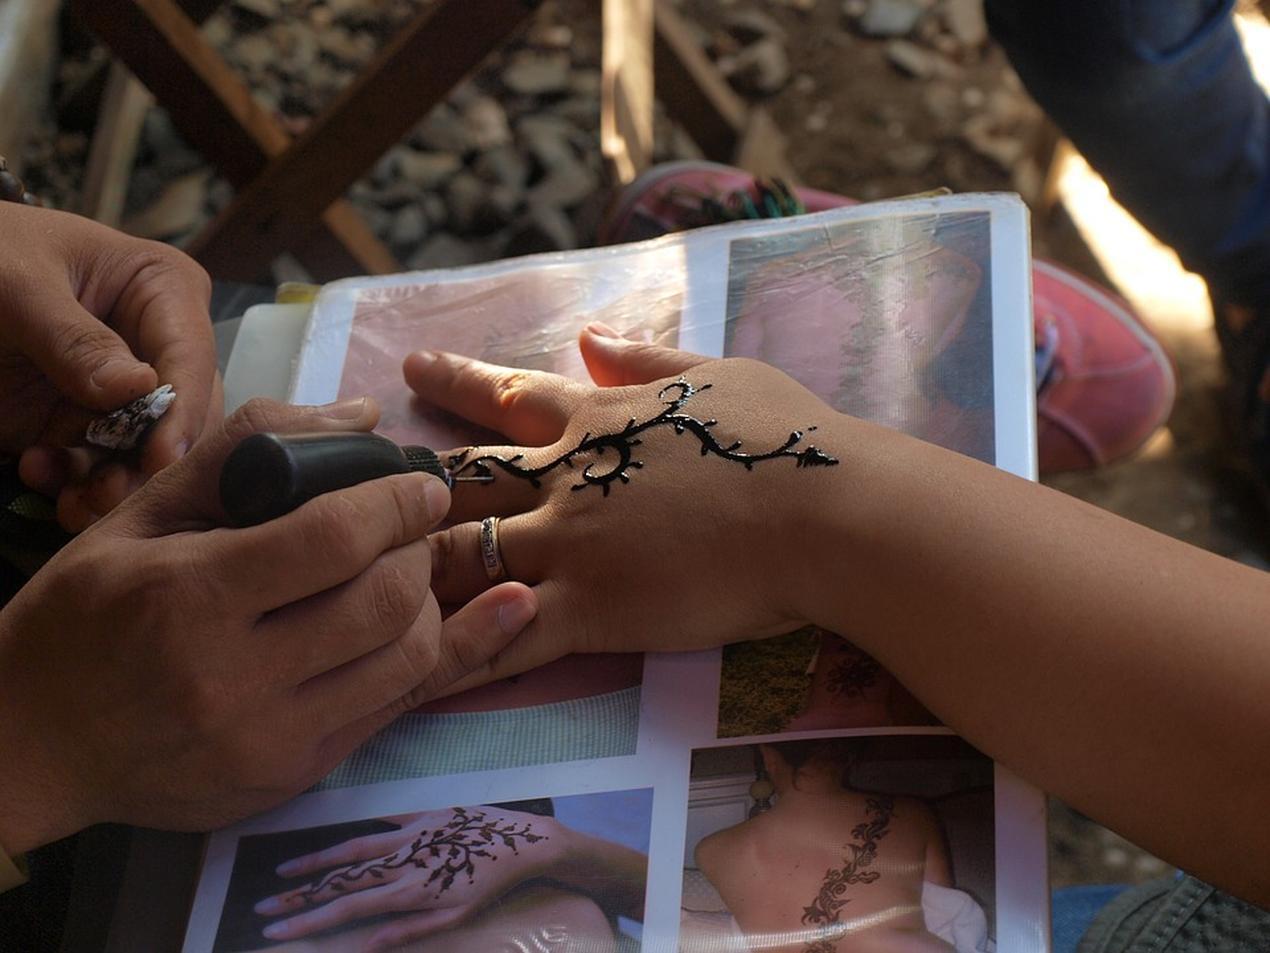 Modne Zmywalne Tatuaże Mogą Pozostawiać Blizny Puls